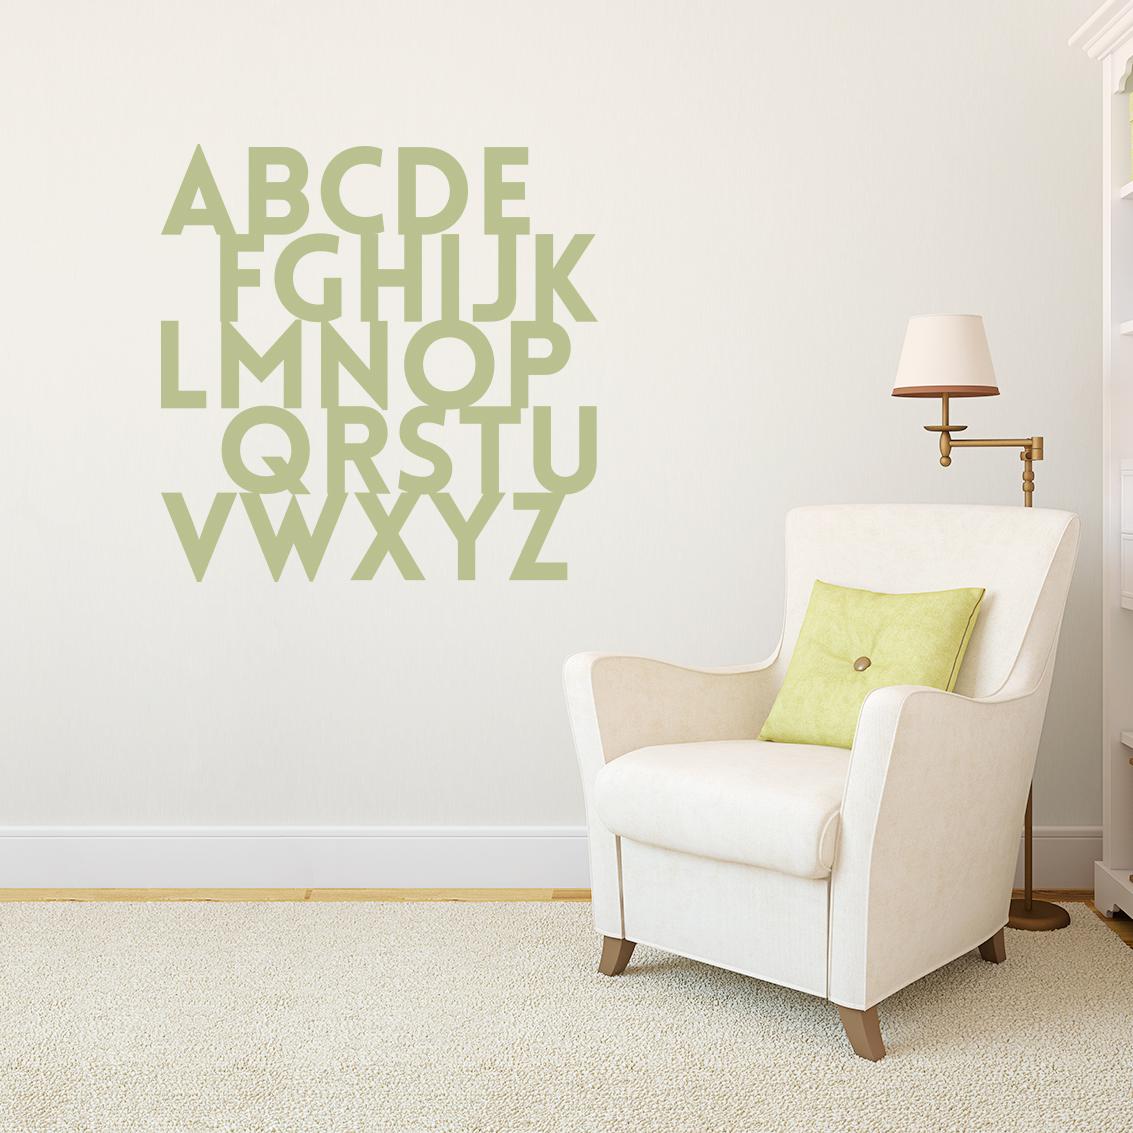 Alphabet Wall Art Decal